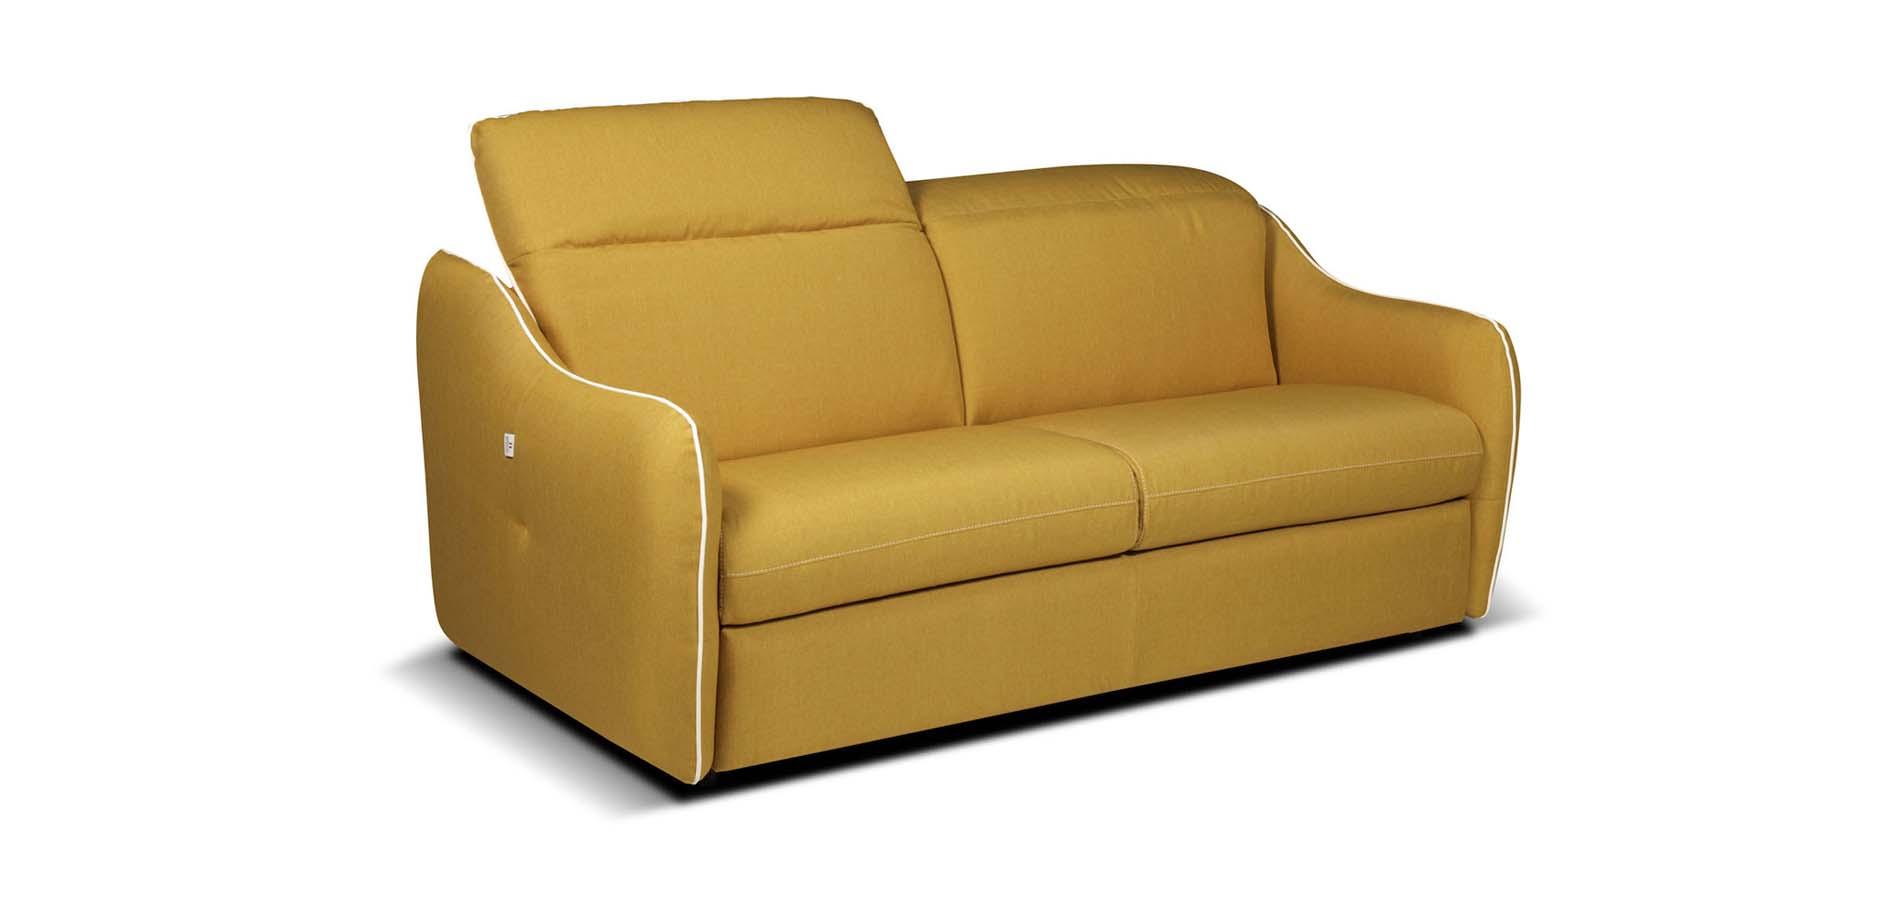 Μοντέρνος καναπές κρεβάτι